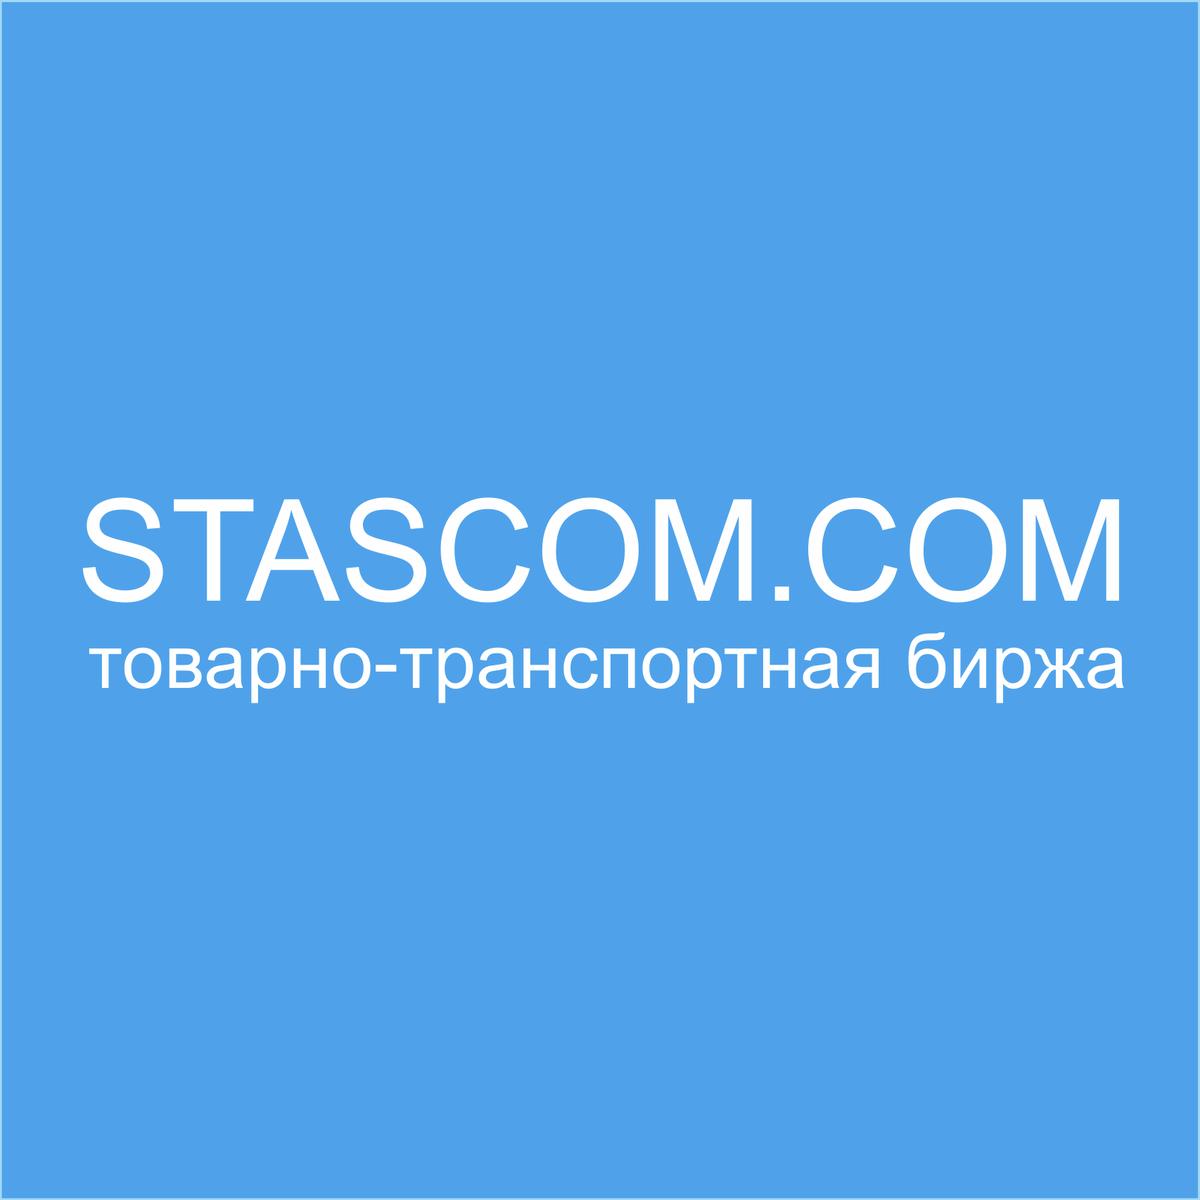 Товарно транспортная накладная бланк казахстан скачать